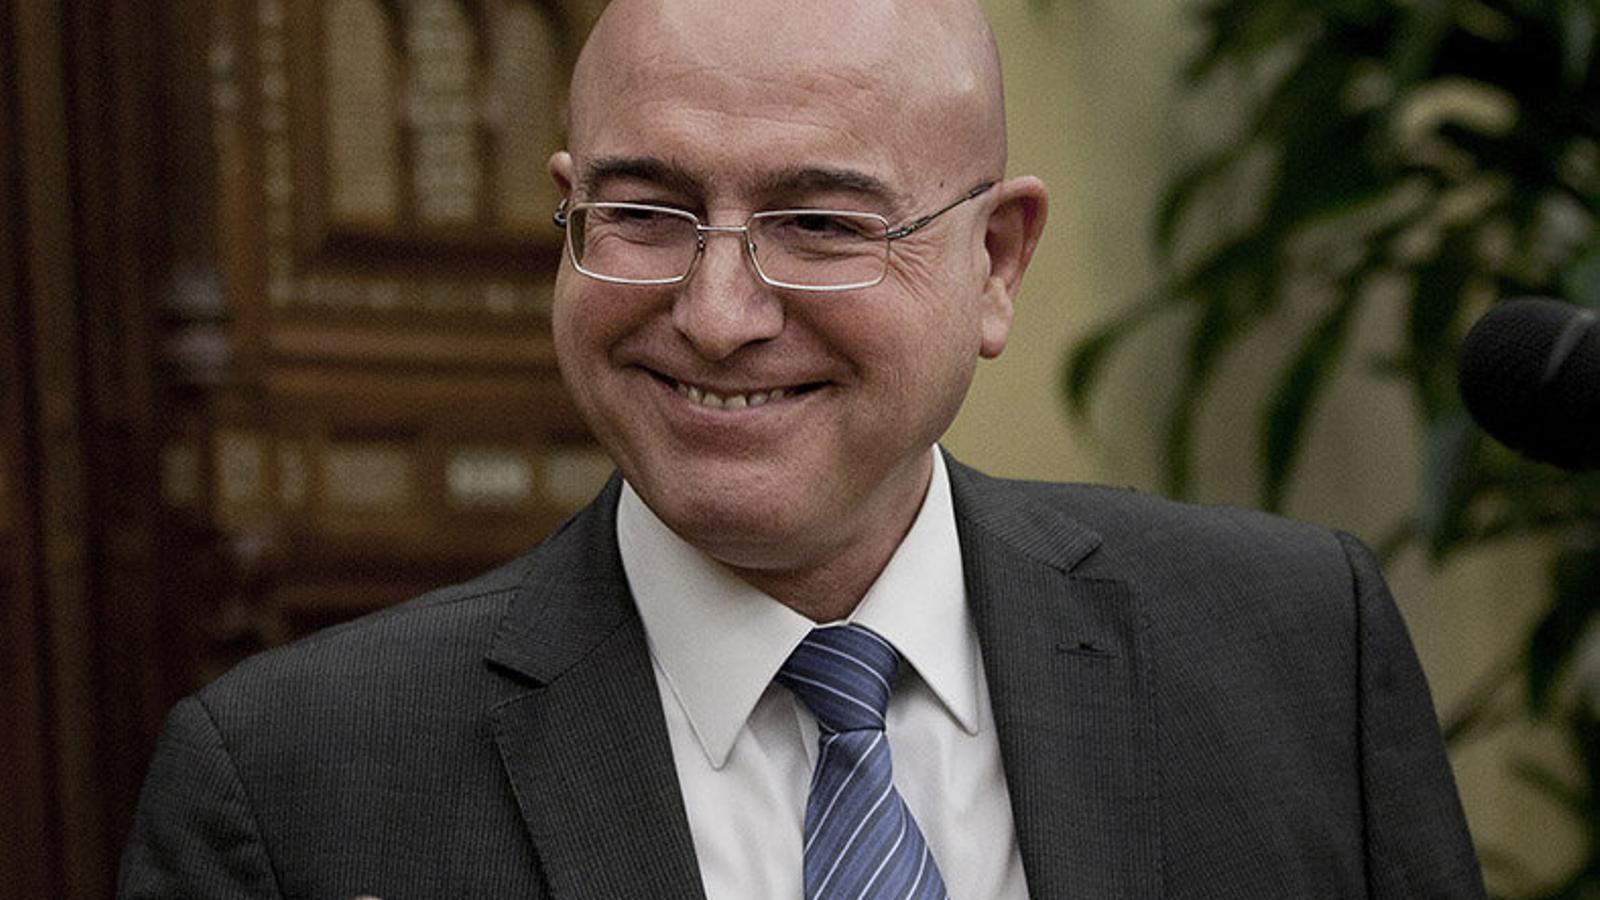 Els primers passos de la nova legislatura Els reptes del Govern i del  President de la Generalitat